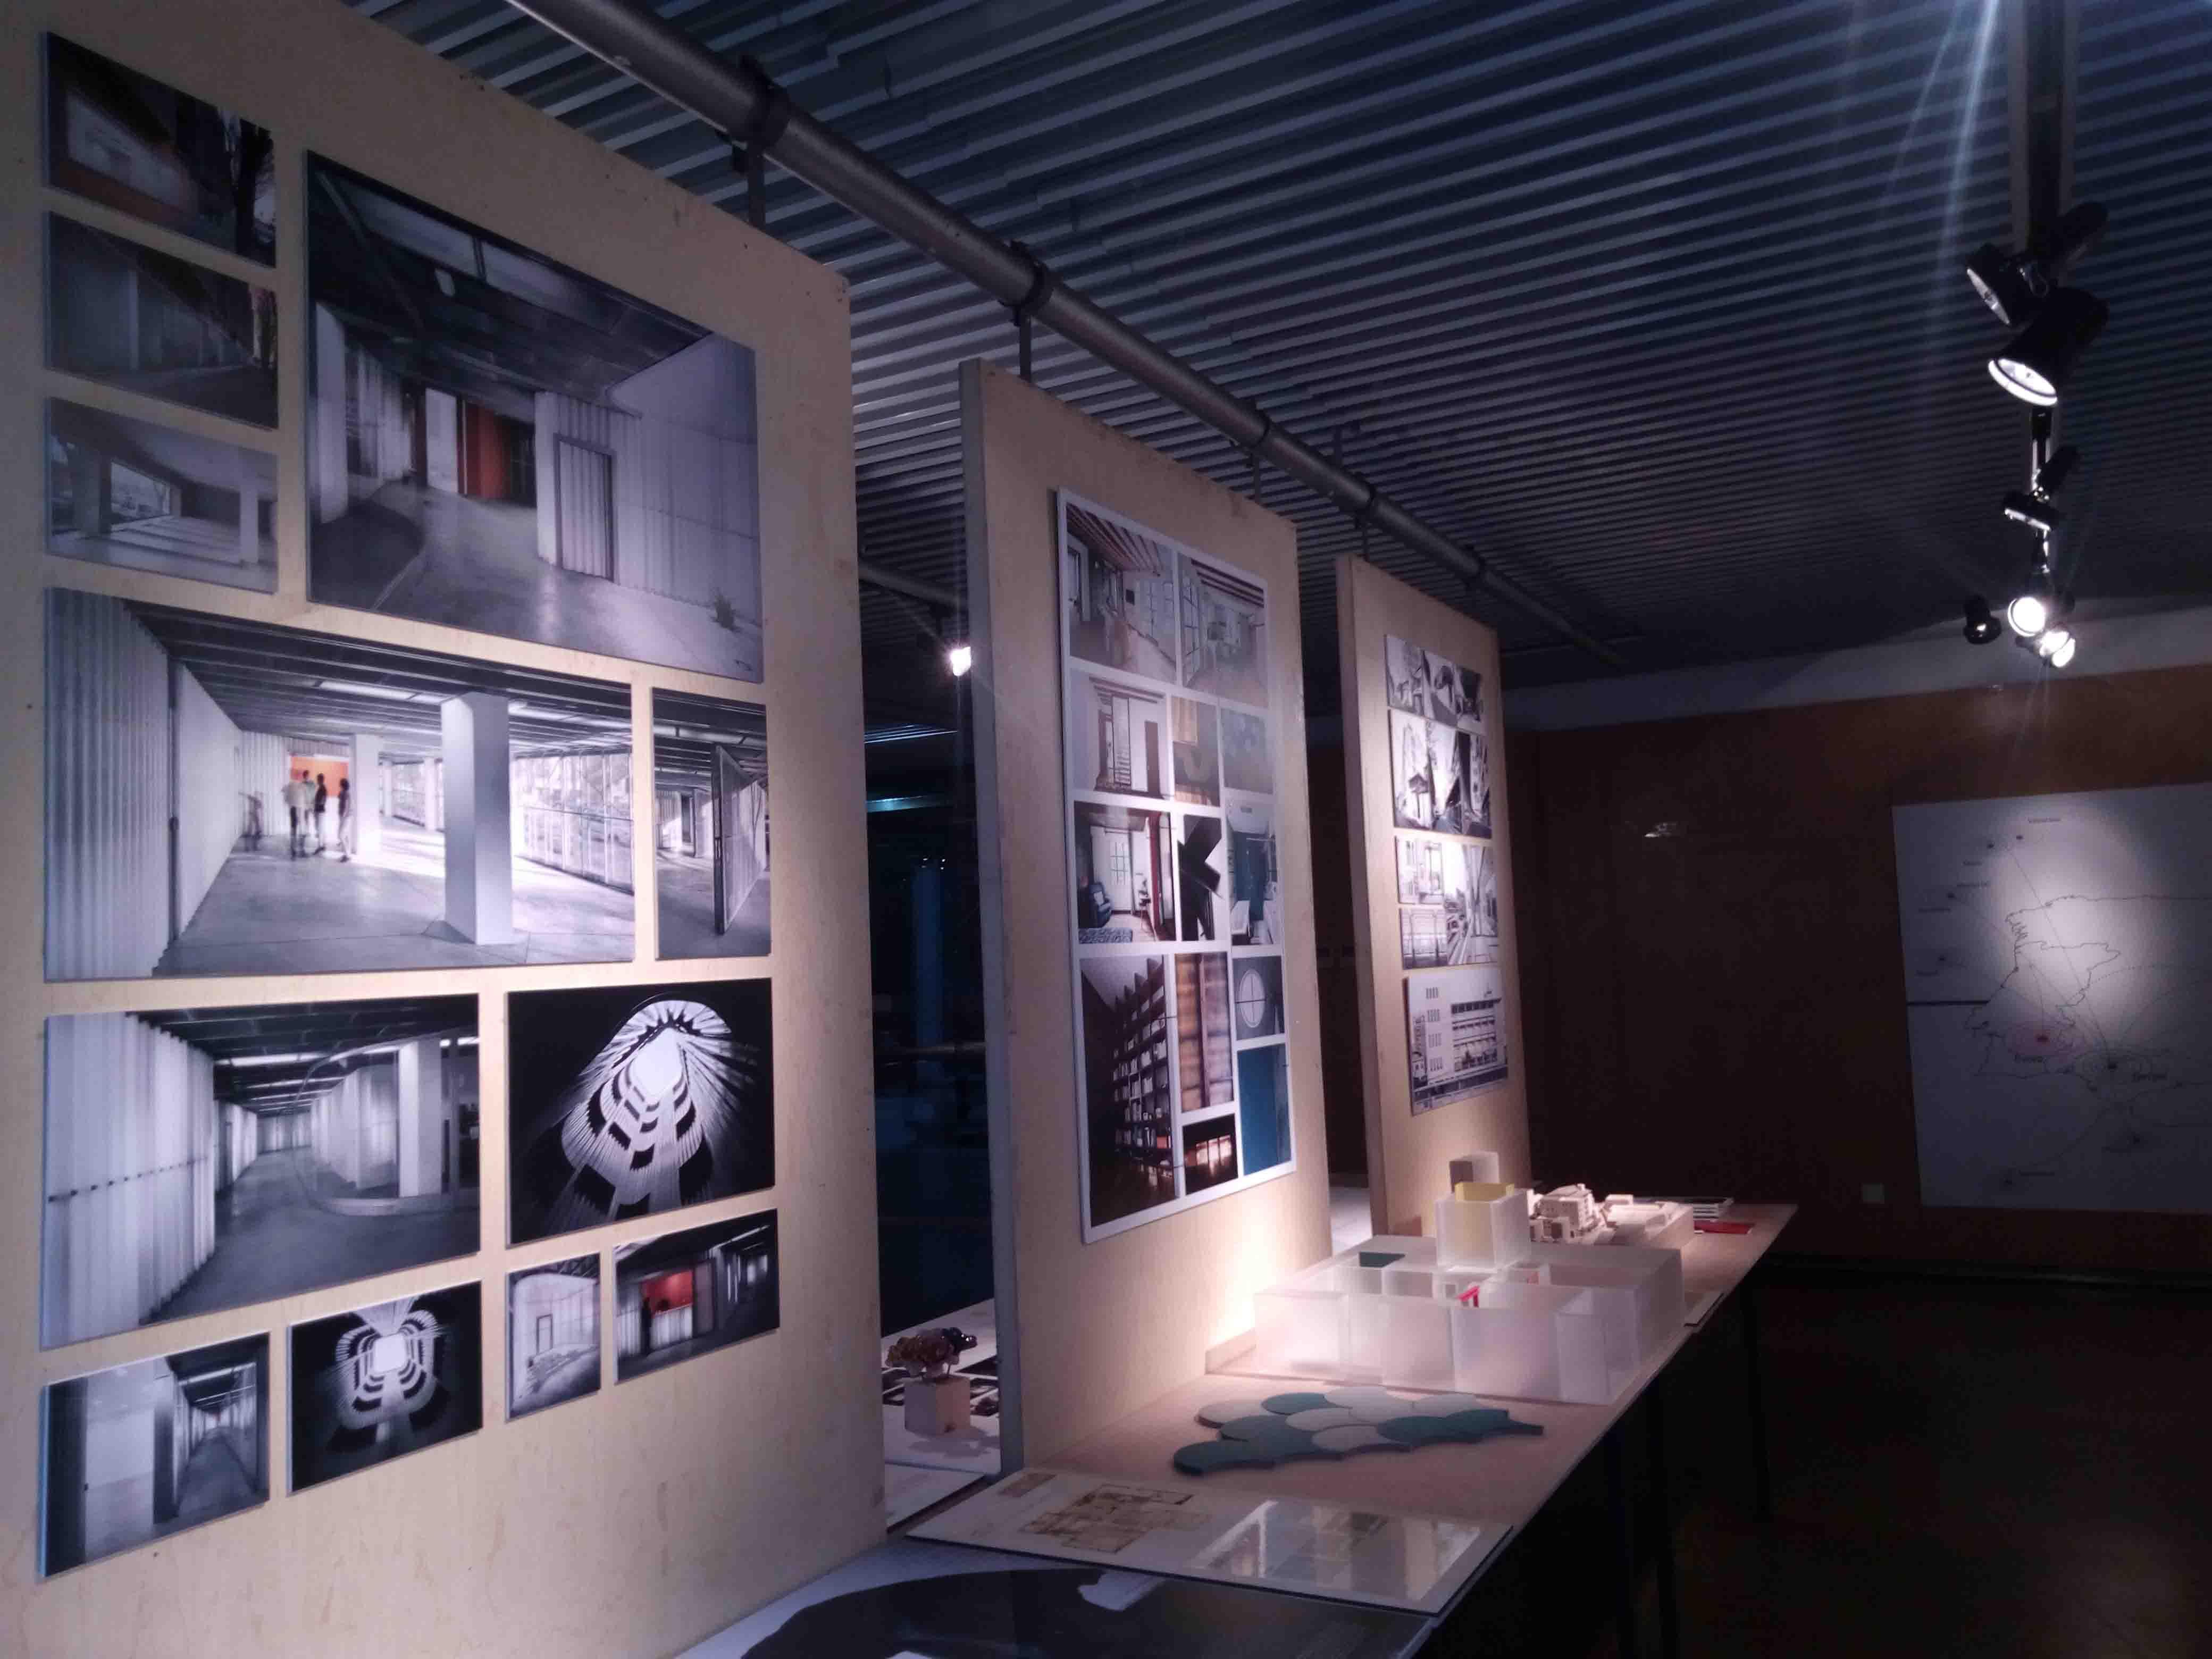 5_mediomundo arq_SHANGHI_Arquitectur